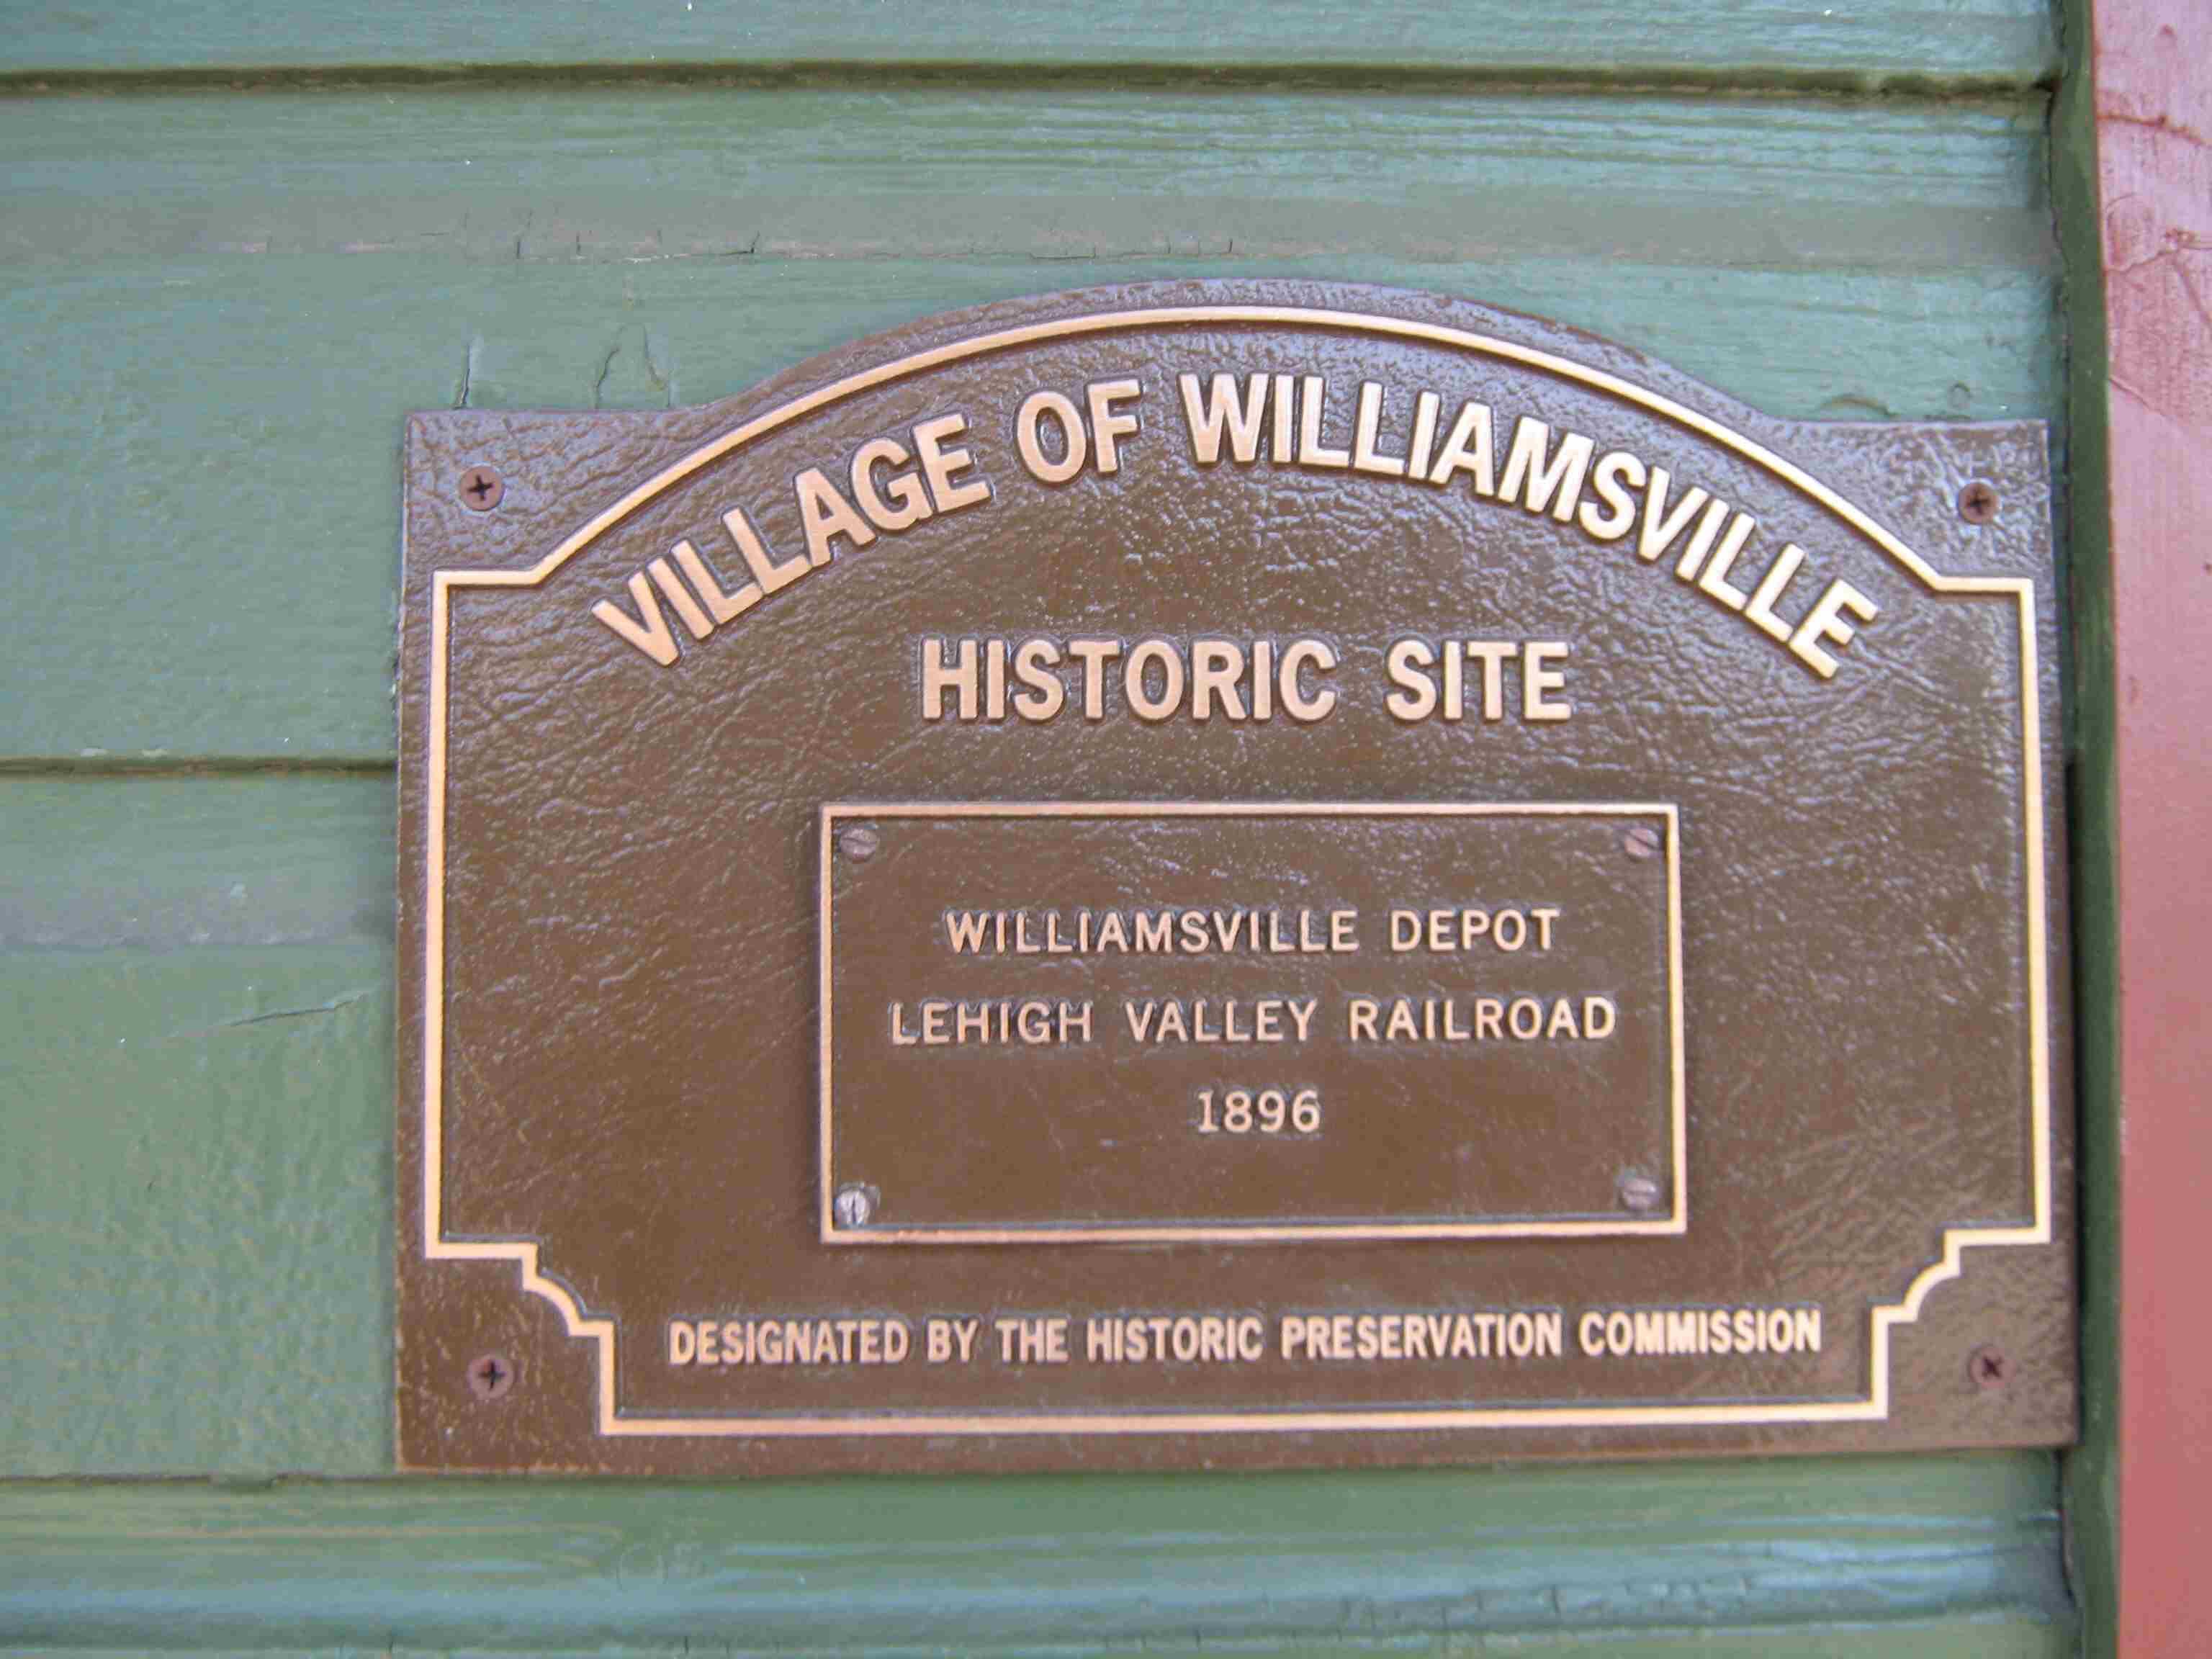 Williamsville, N.Y.